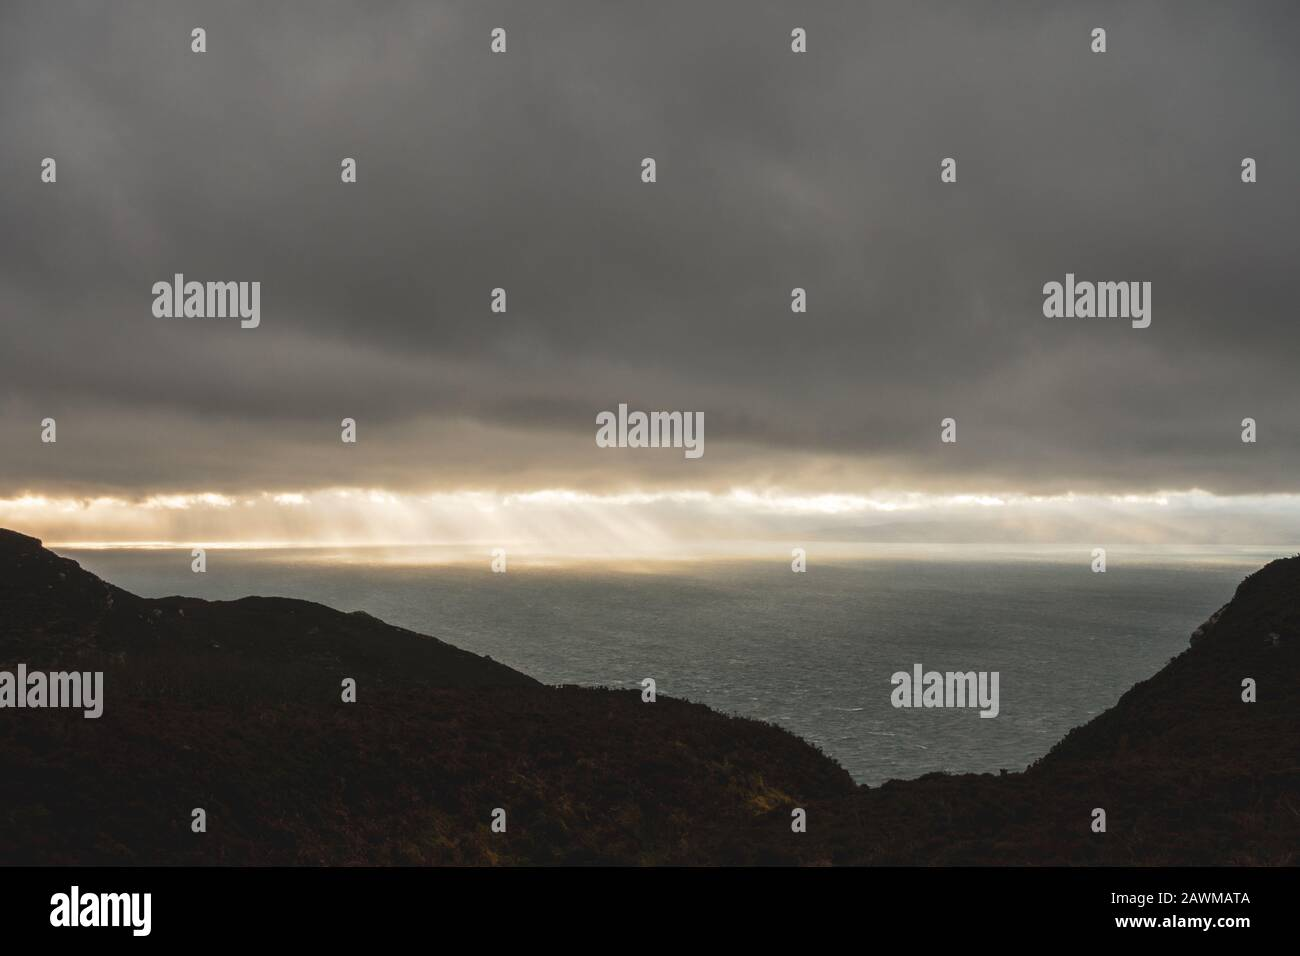 Vistas desde el Mull of Kintyre a Irlanda del Norte y la isla Rathlin en condiciones climáticas dramáticas en invierno, Escocia, Reino Unido Foto de stock